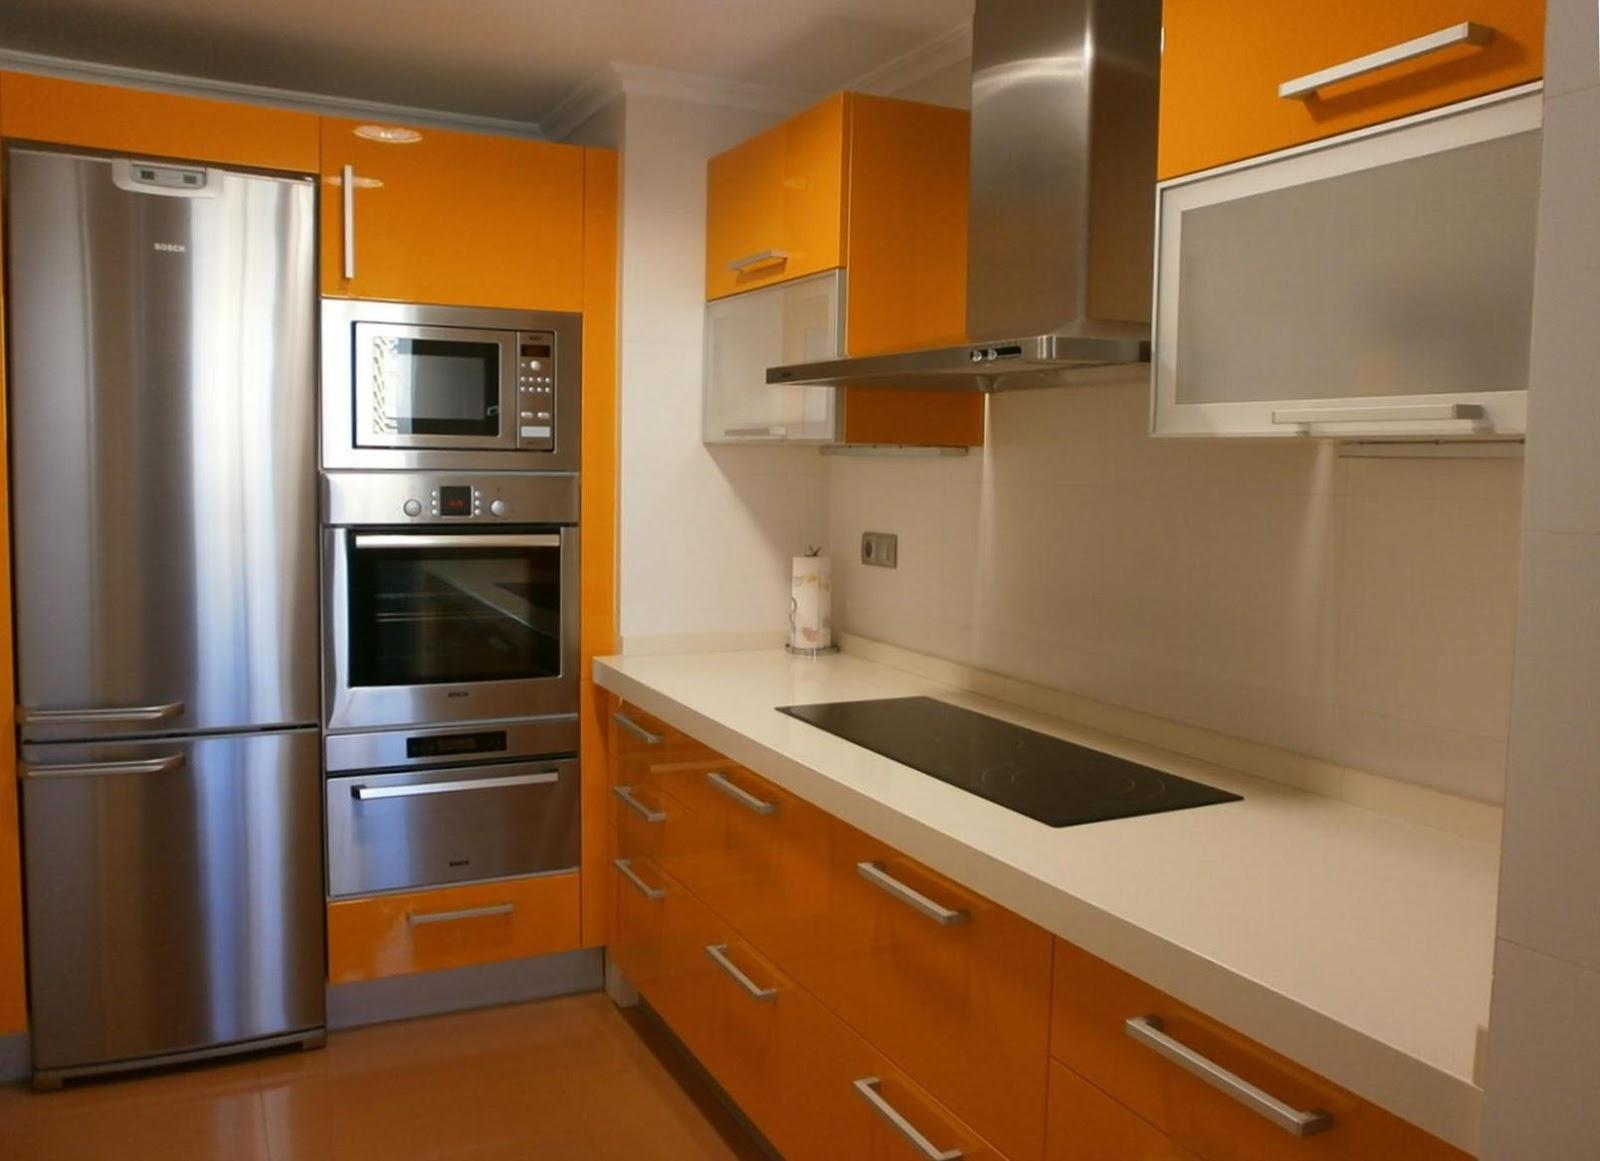 Cómo distribuir el espacio en la cocina - Cocinas con estilo